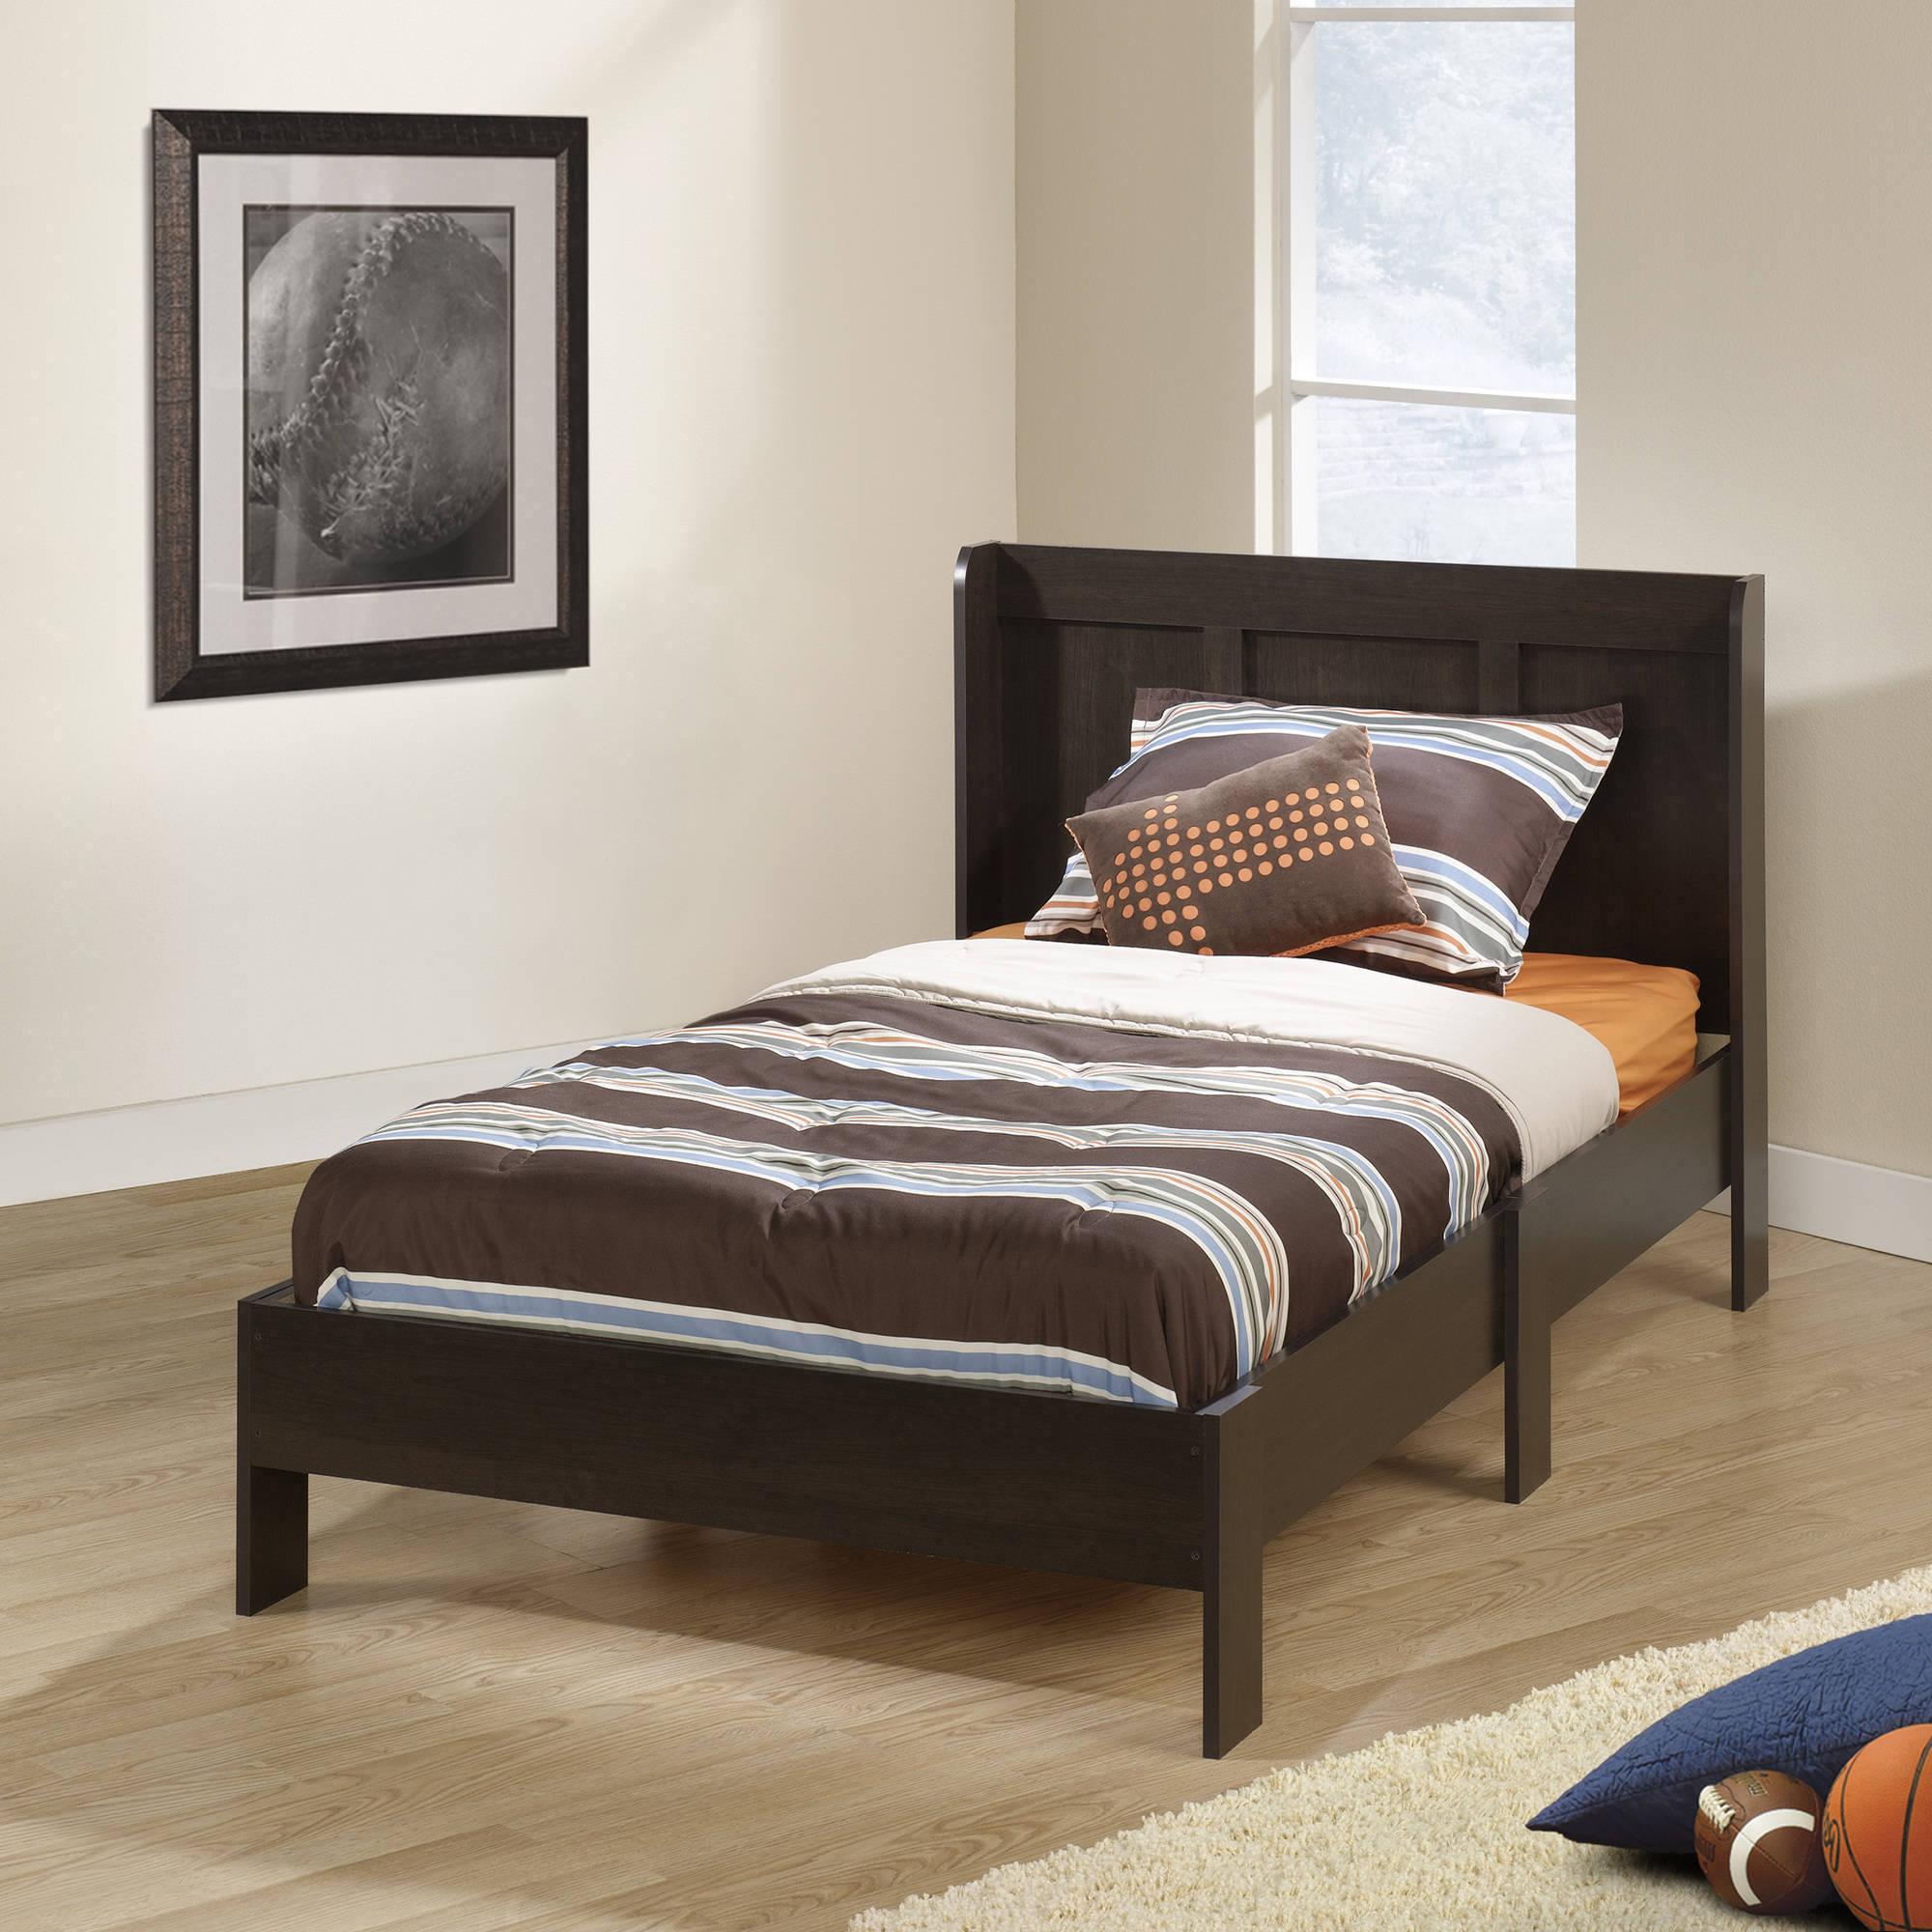 Sauder Parklane Twin Platform Bed with Headboard Espresso